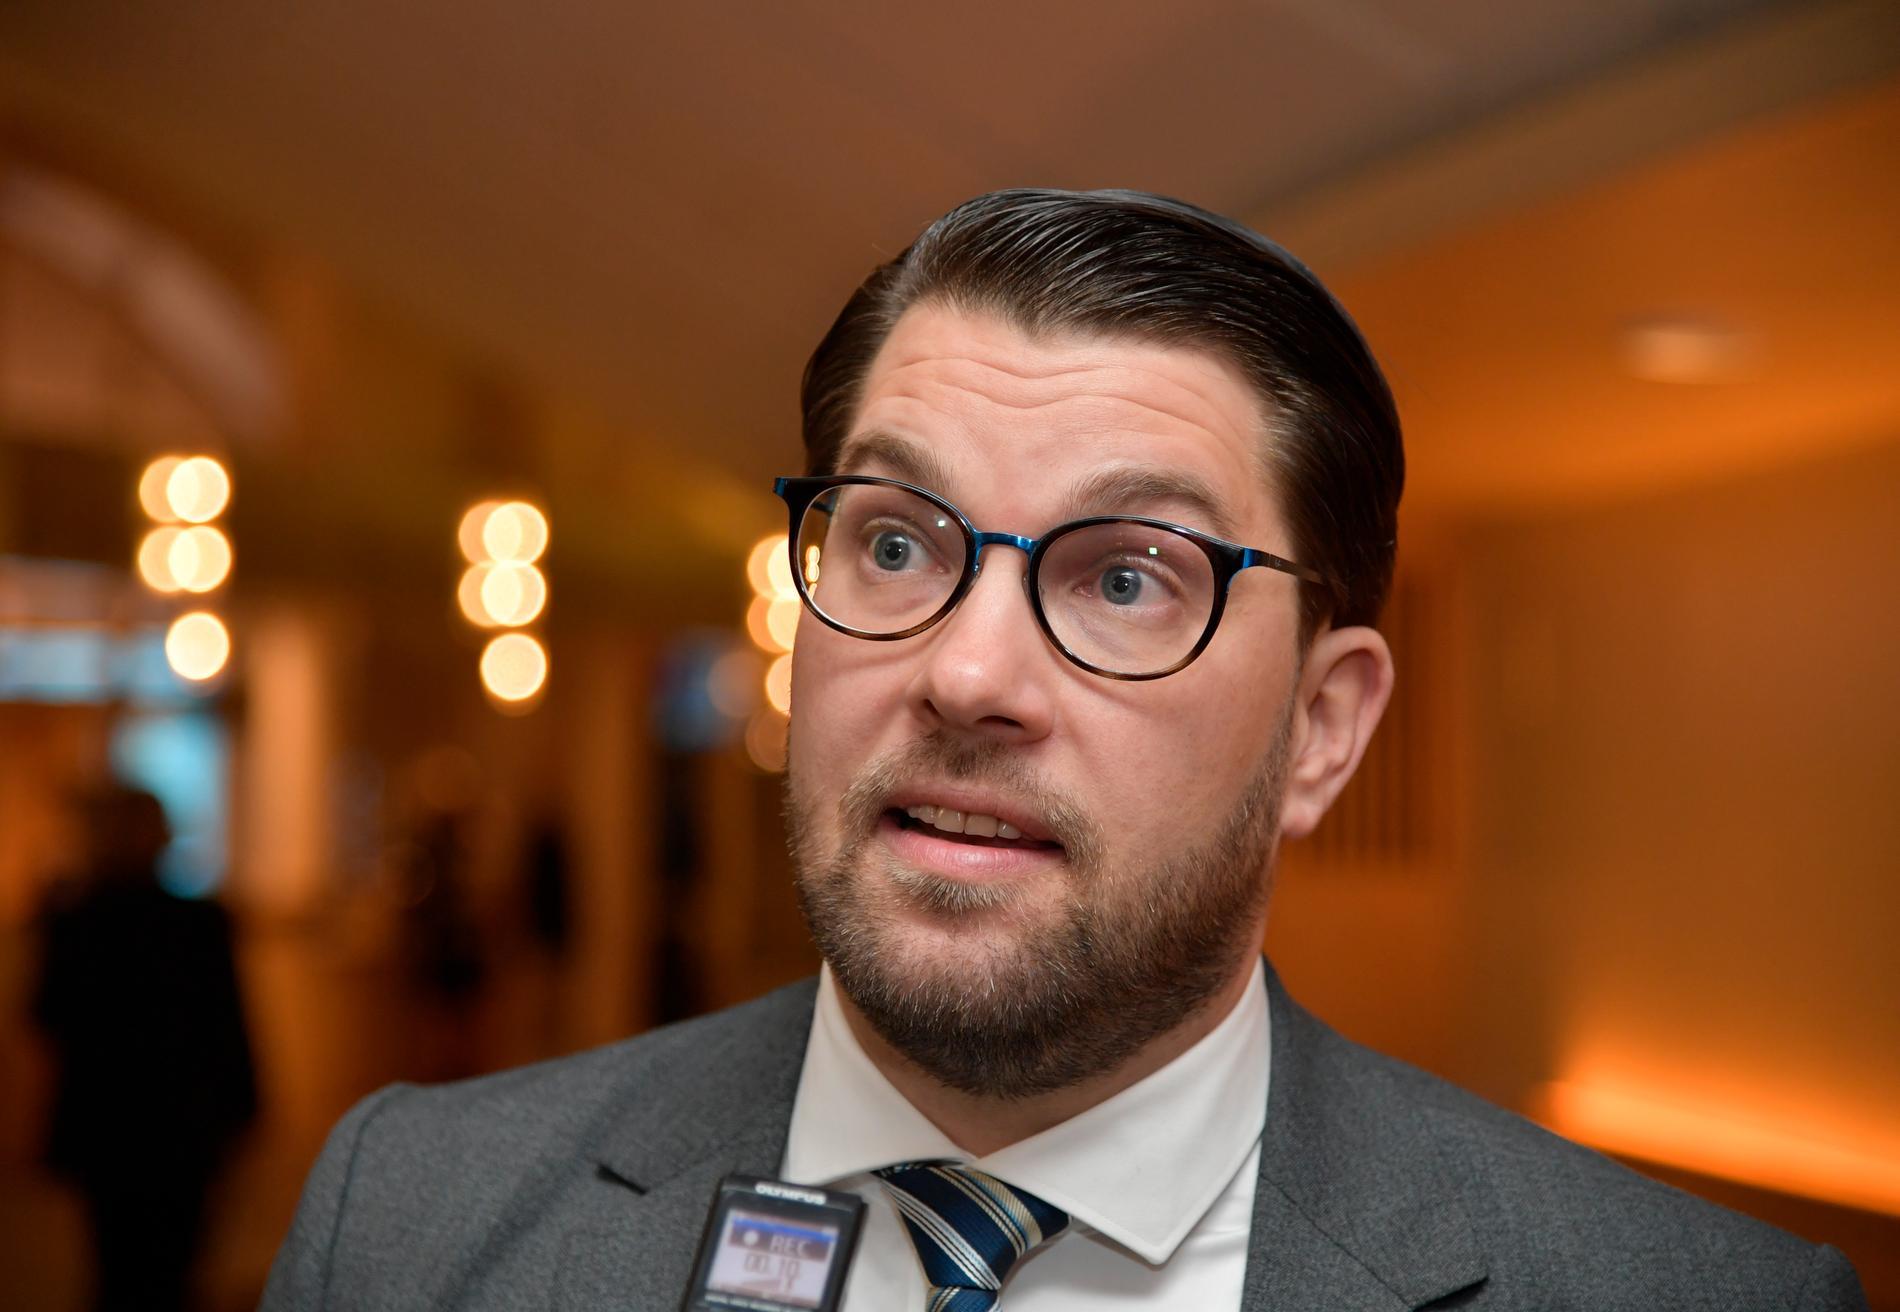 Jimmie Åkesson vill att regeringen tar initiativ till att frågan om en ny granskningskommission om Palmemordet lyfts.